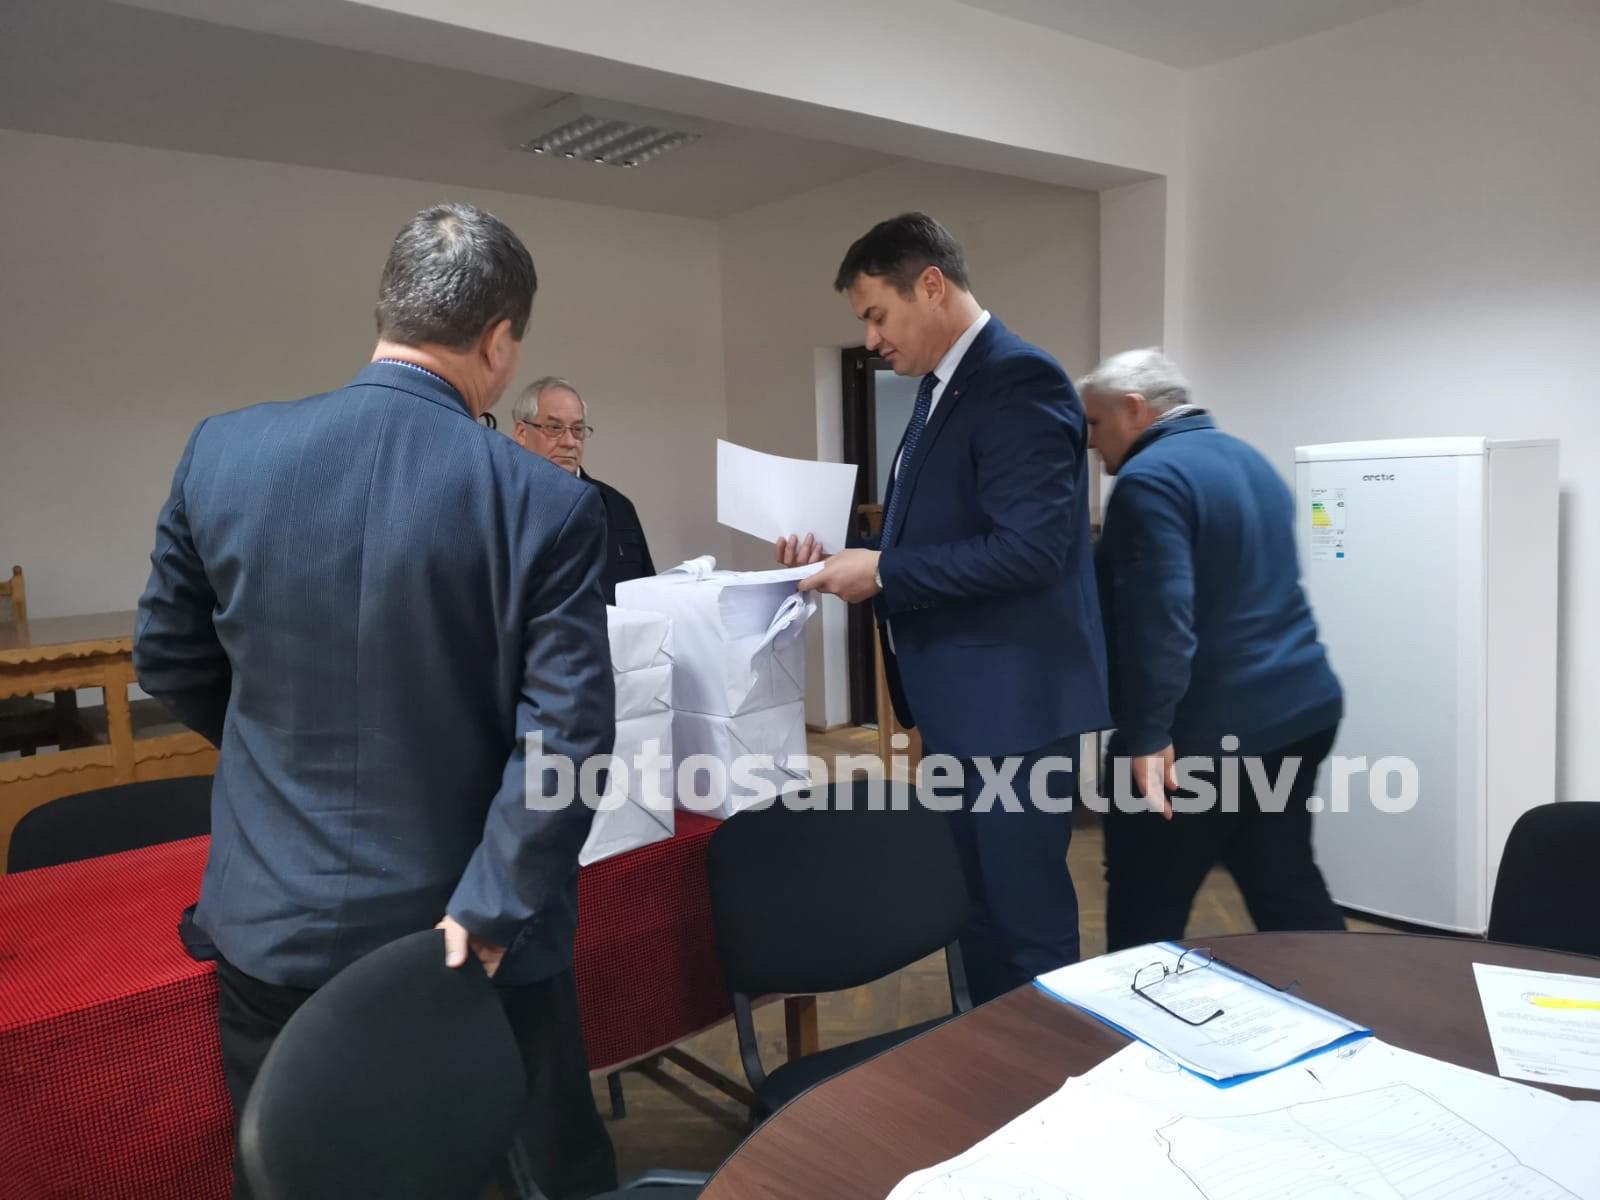 Locuitorii din Coțușca pot consulta lista lucrărilor de cadastru efectuate gratuit pe teritoriul comunei